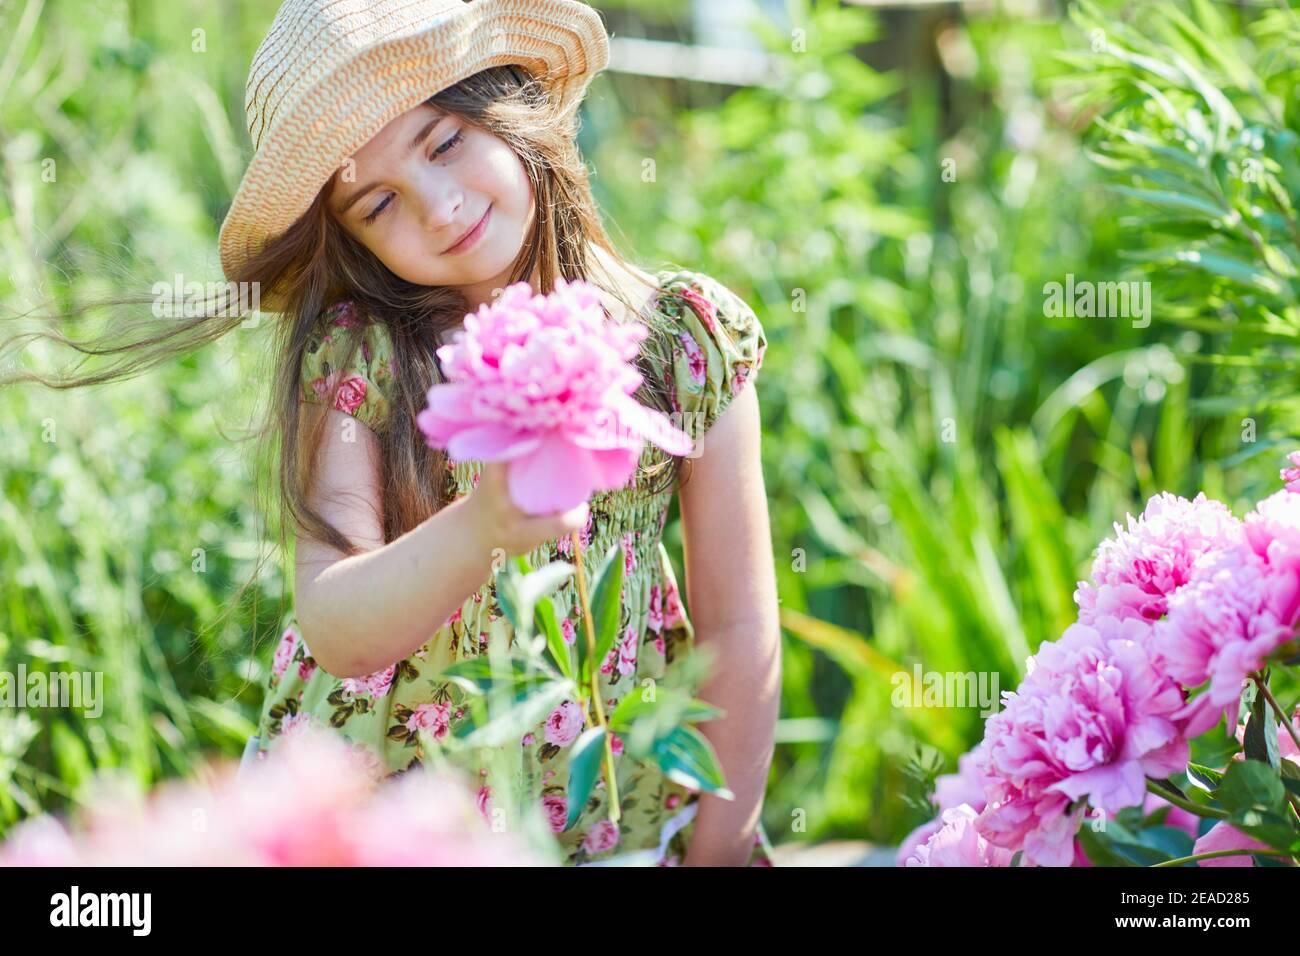 Belle petite fille tient une pivoine rose dans un jour ensoleillé dans le jardin. Jolie fille porte une robe d'été à motifs tendance et un chapeau de paille Banque D'Images